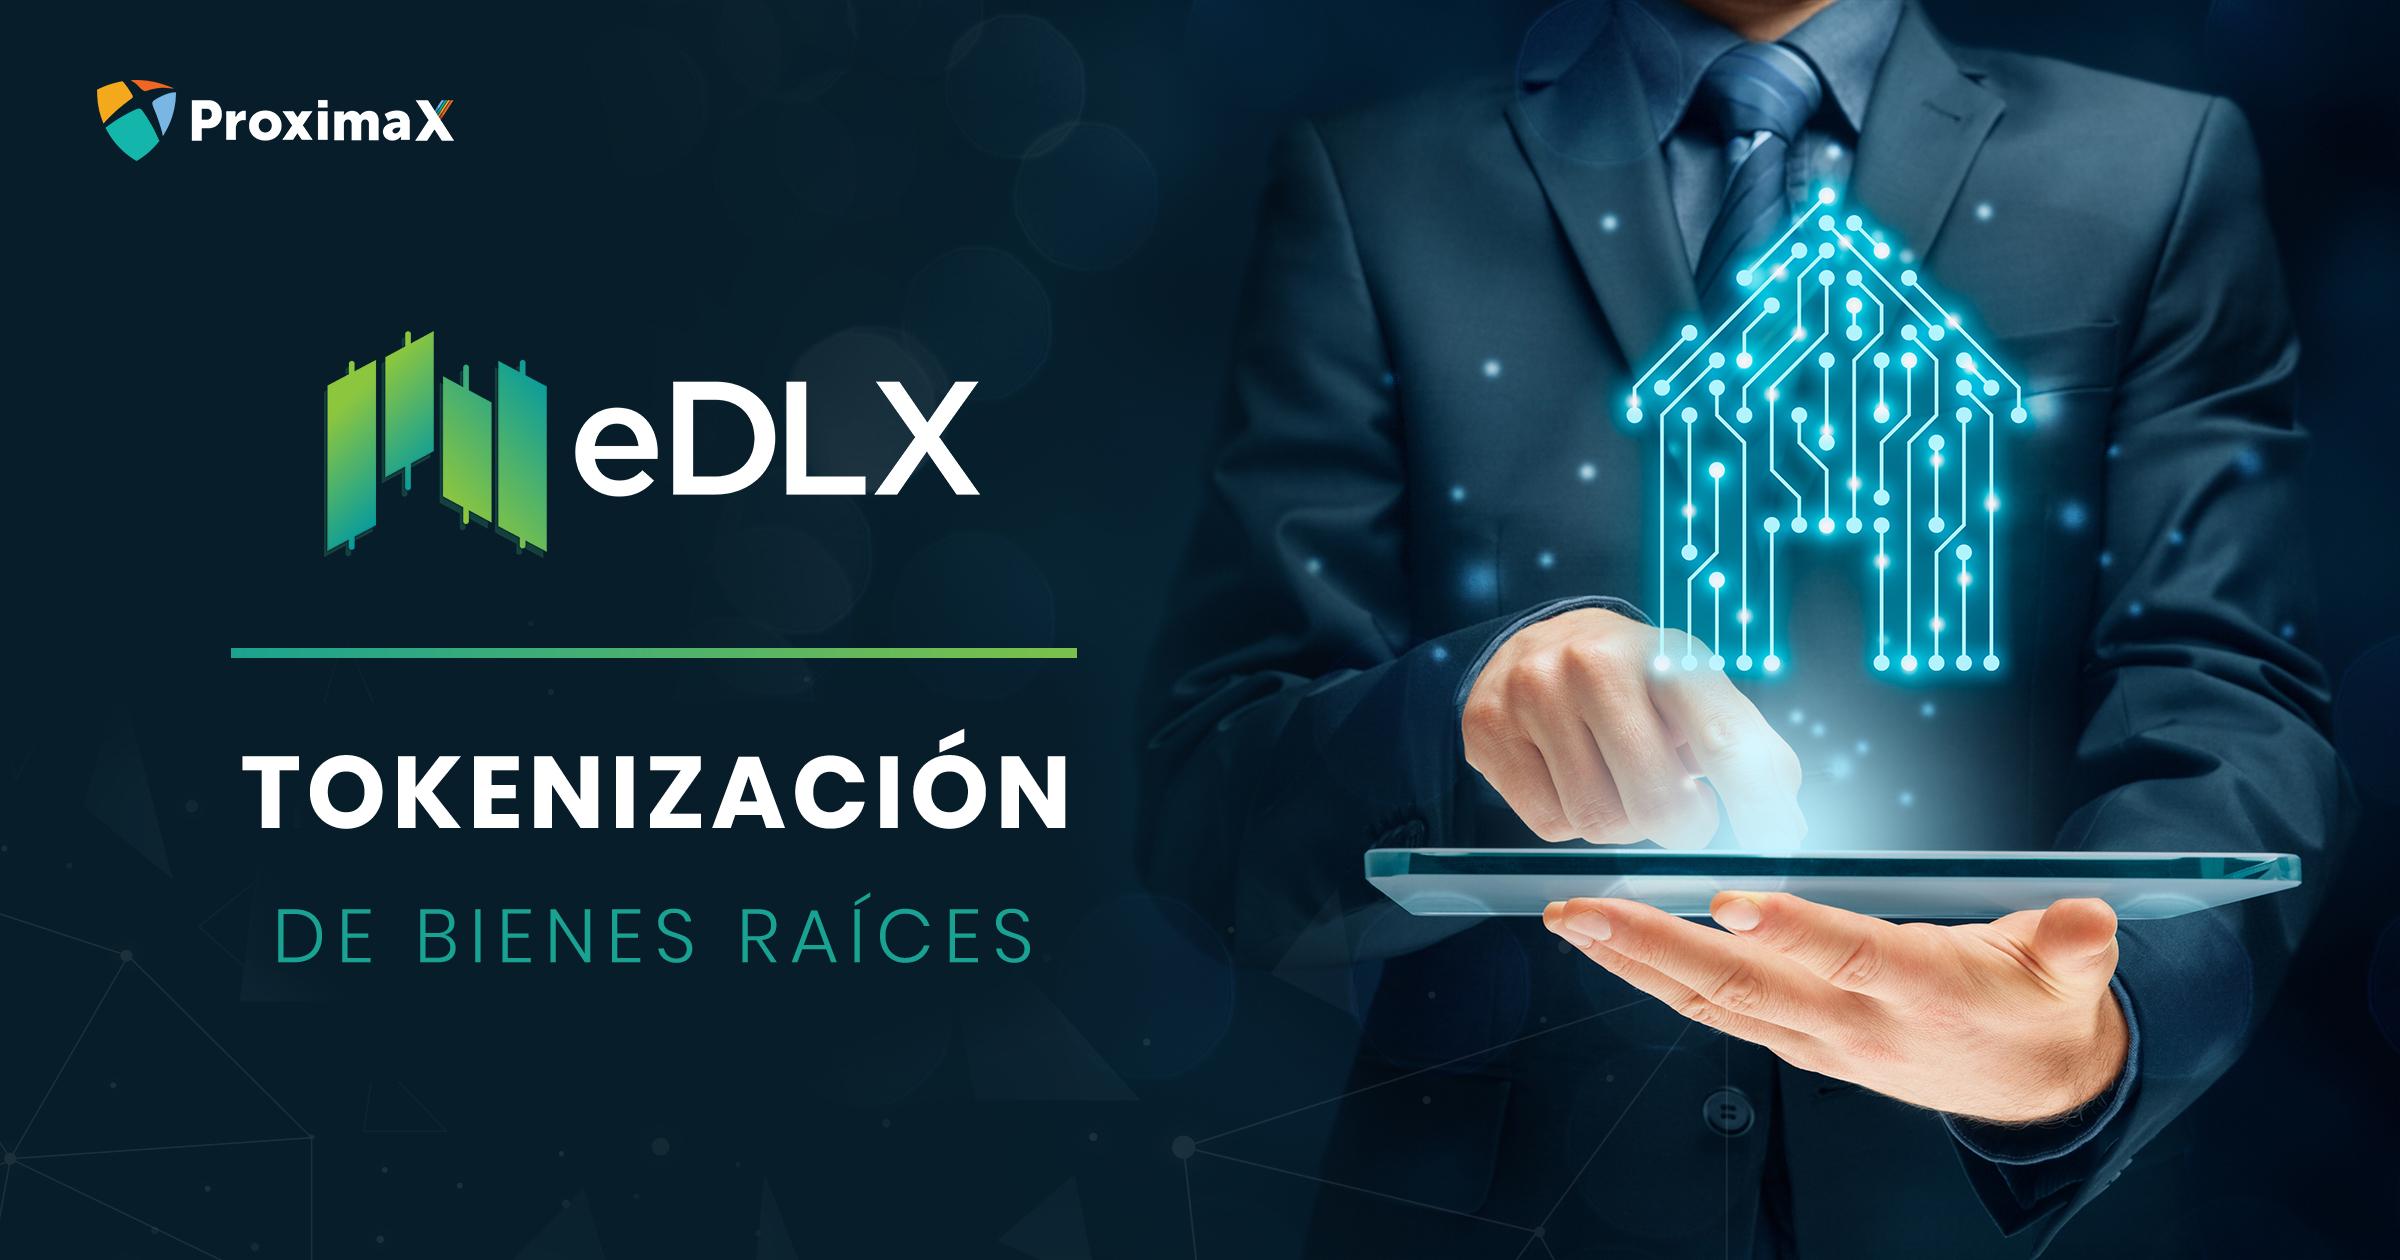 Caso de uso de eDLX: tokenización, emisión y comercialización de bienes inmuebles